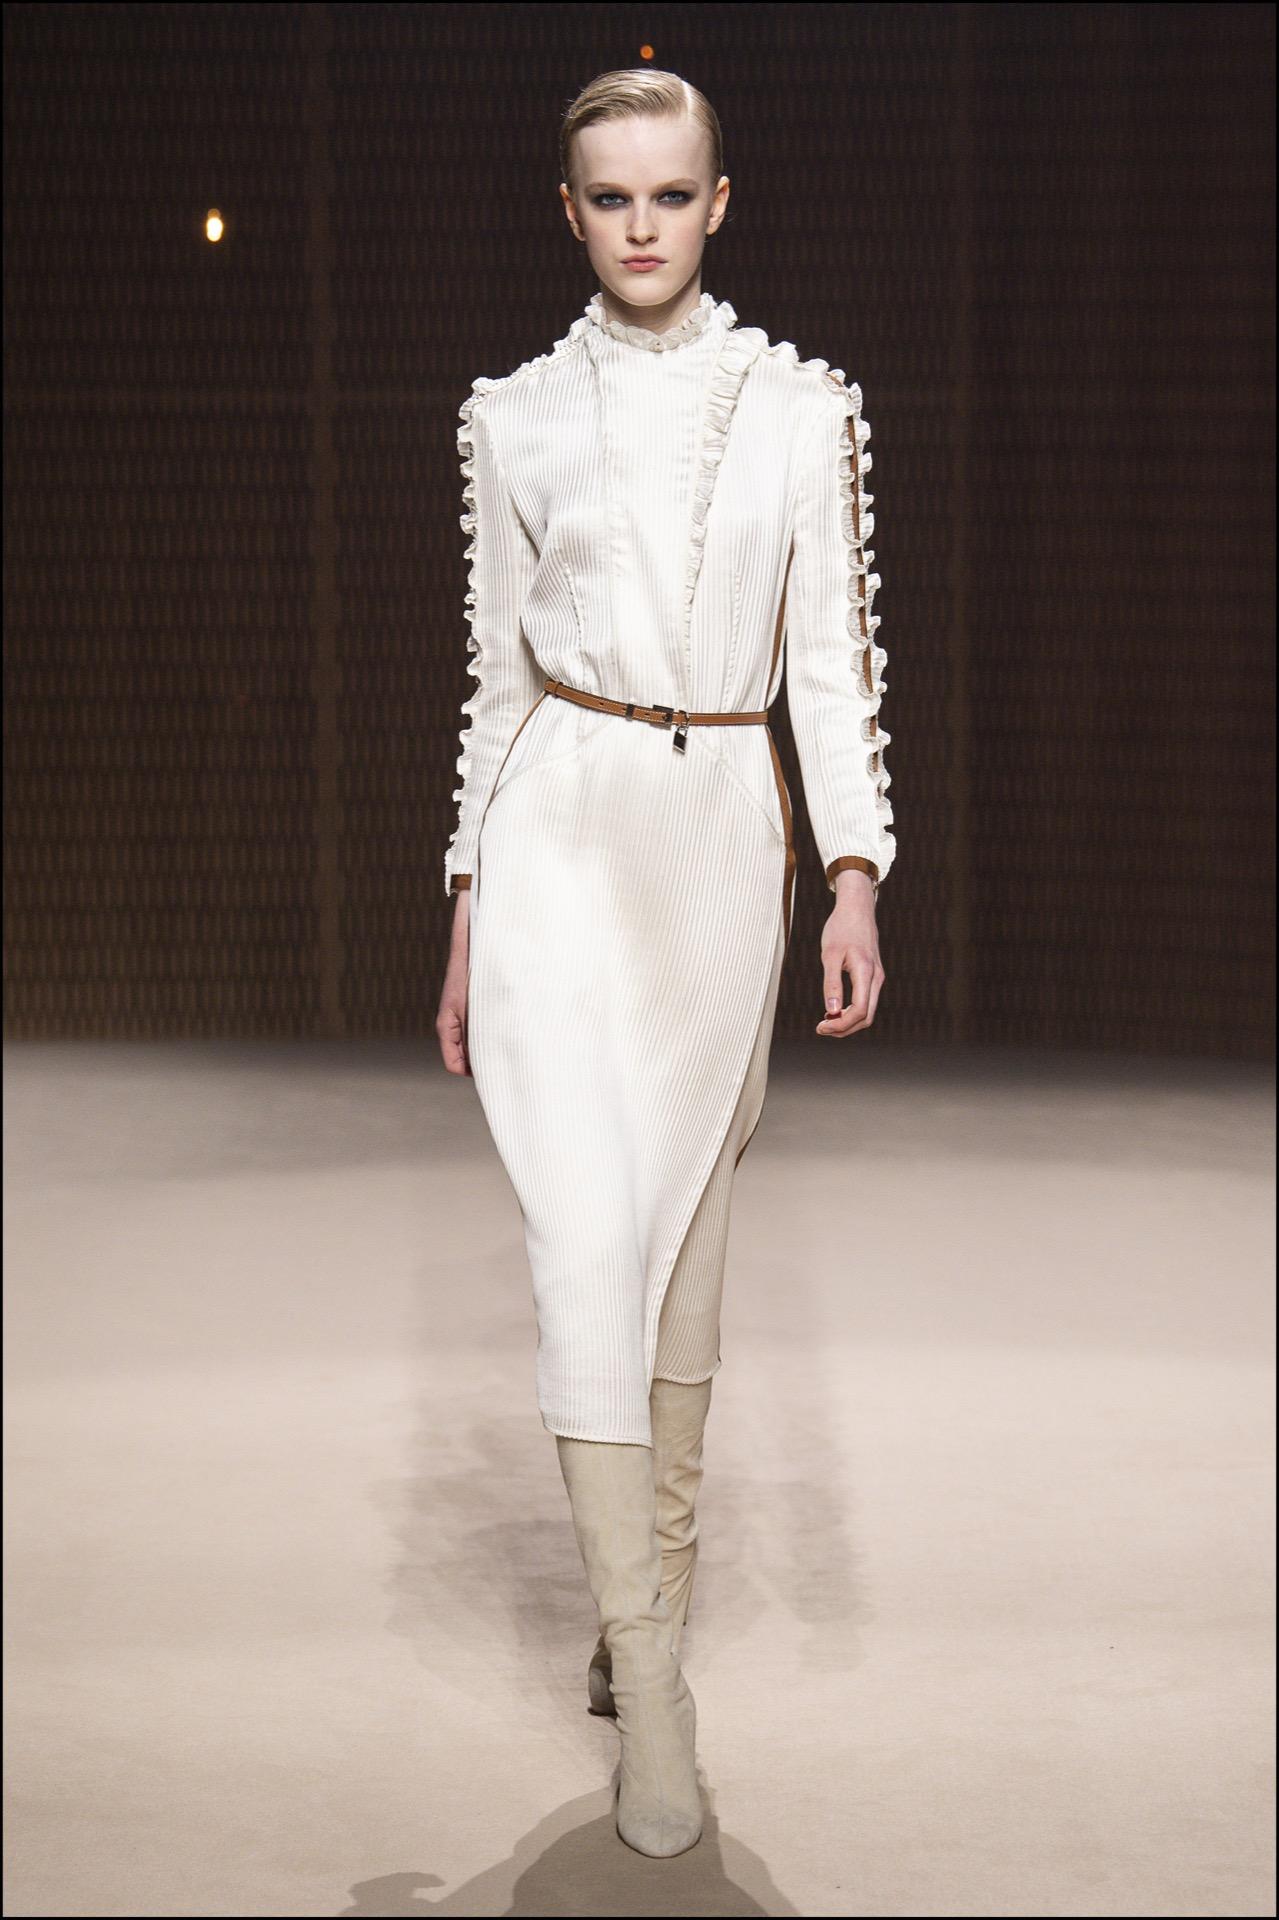 Vestidos midi con botas altísimas en colores neutros. La apuesta de Hermès.